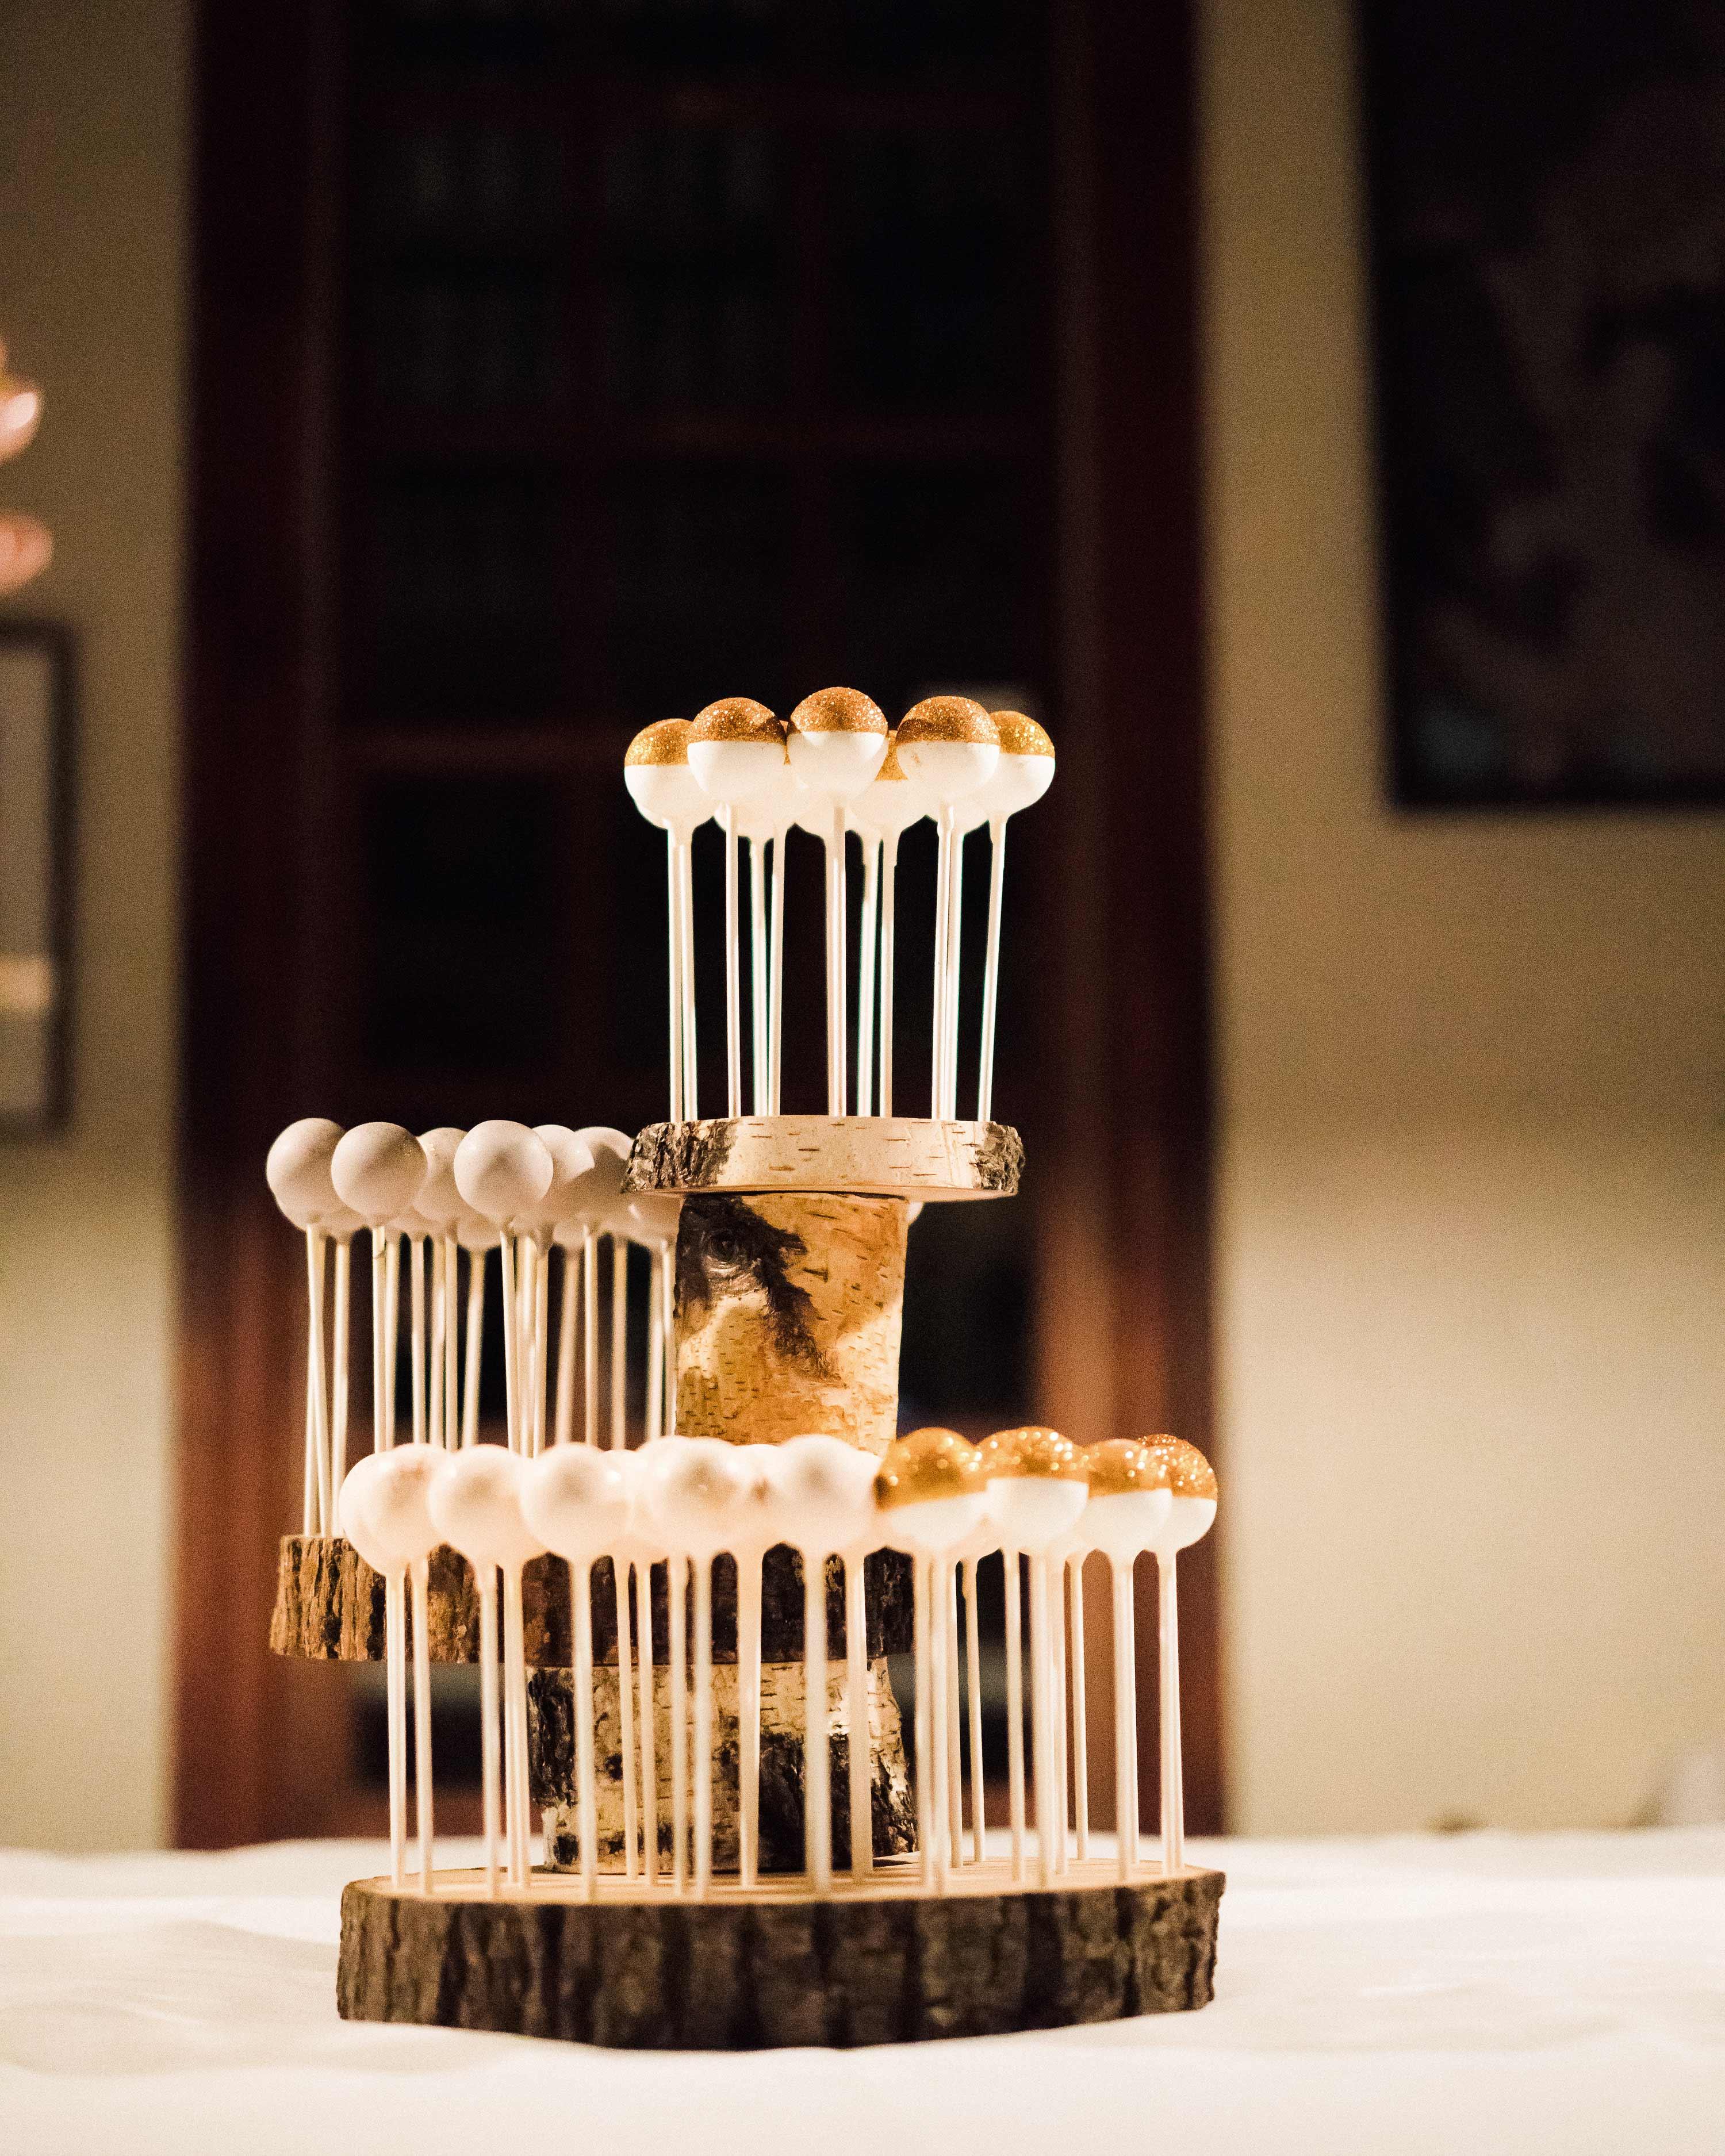 meshach-warren-wedding-cakepops-0785-6134942-0716.jpg